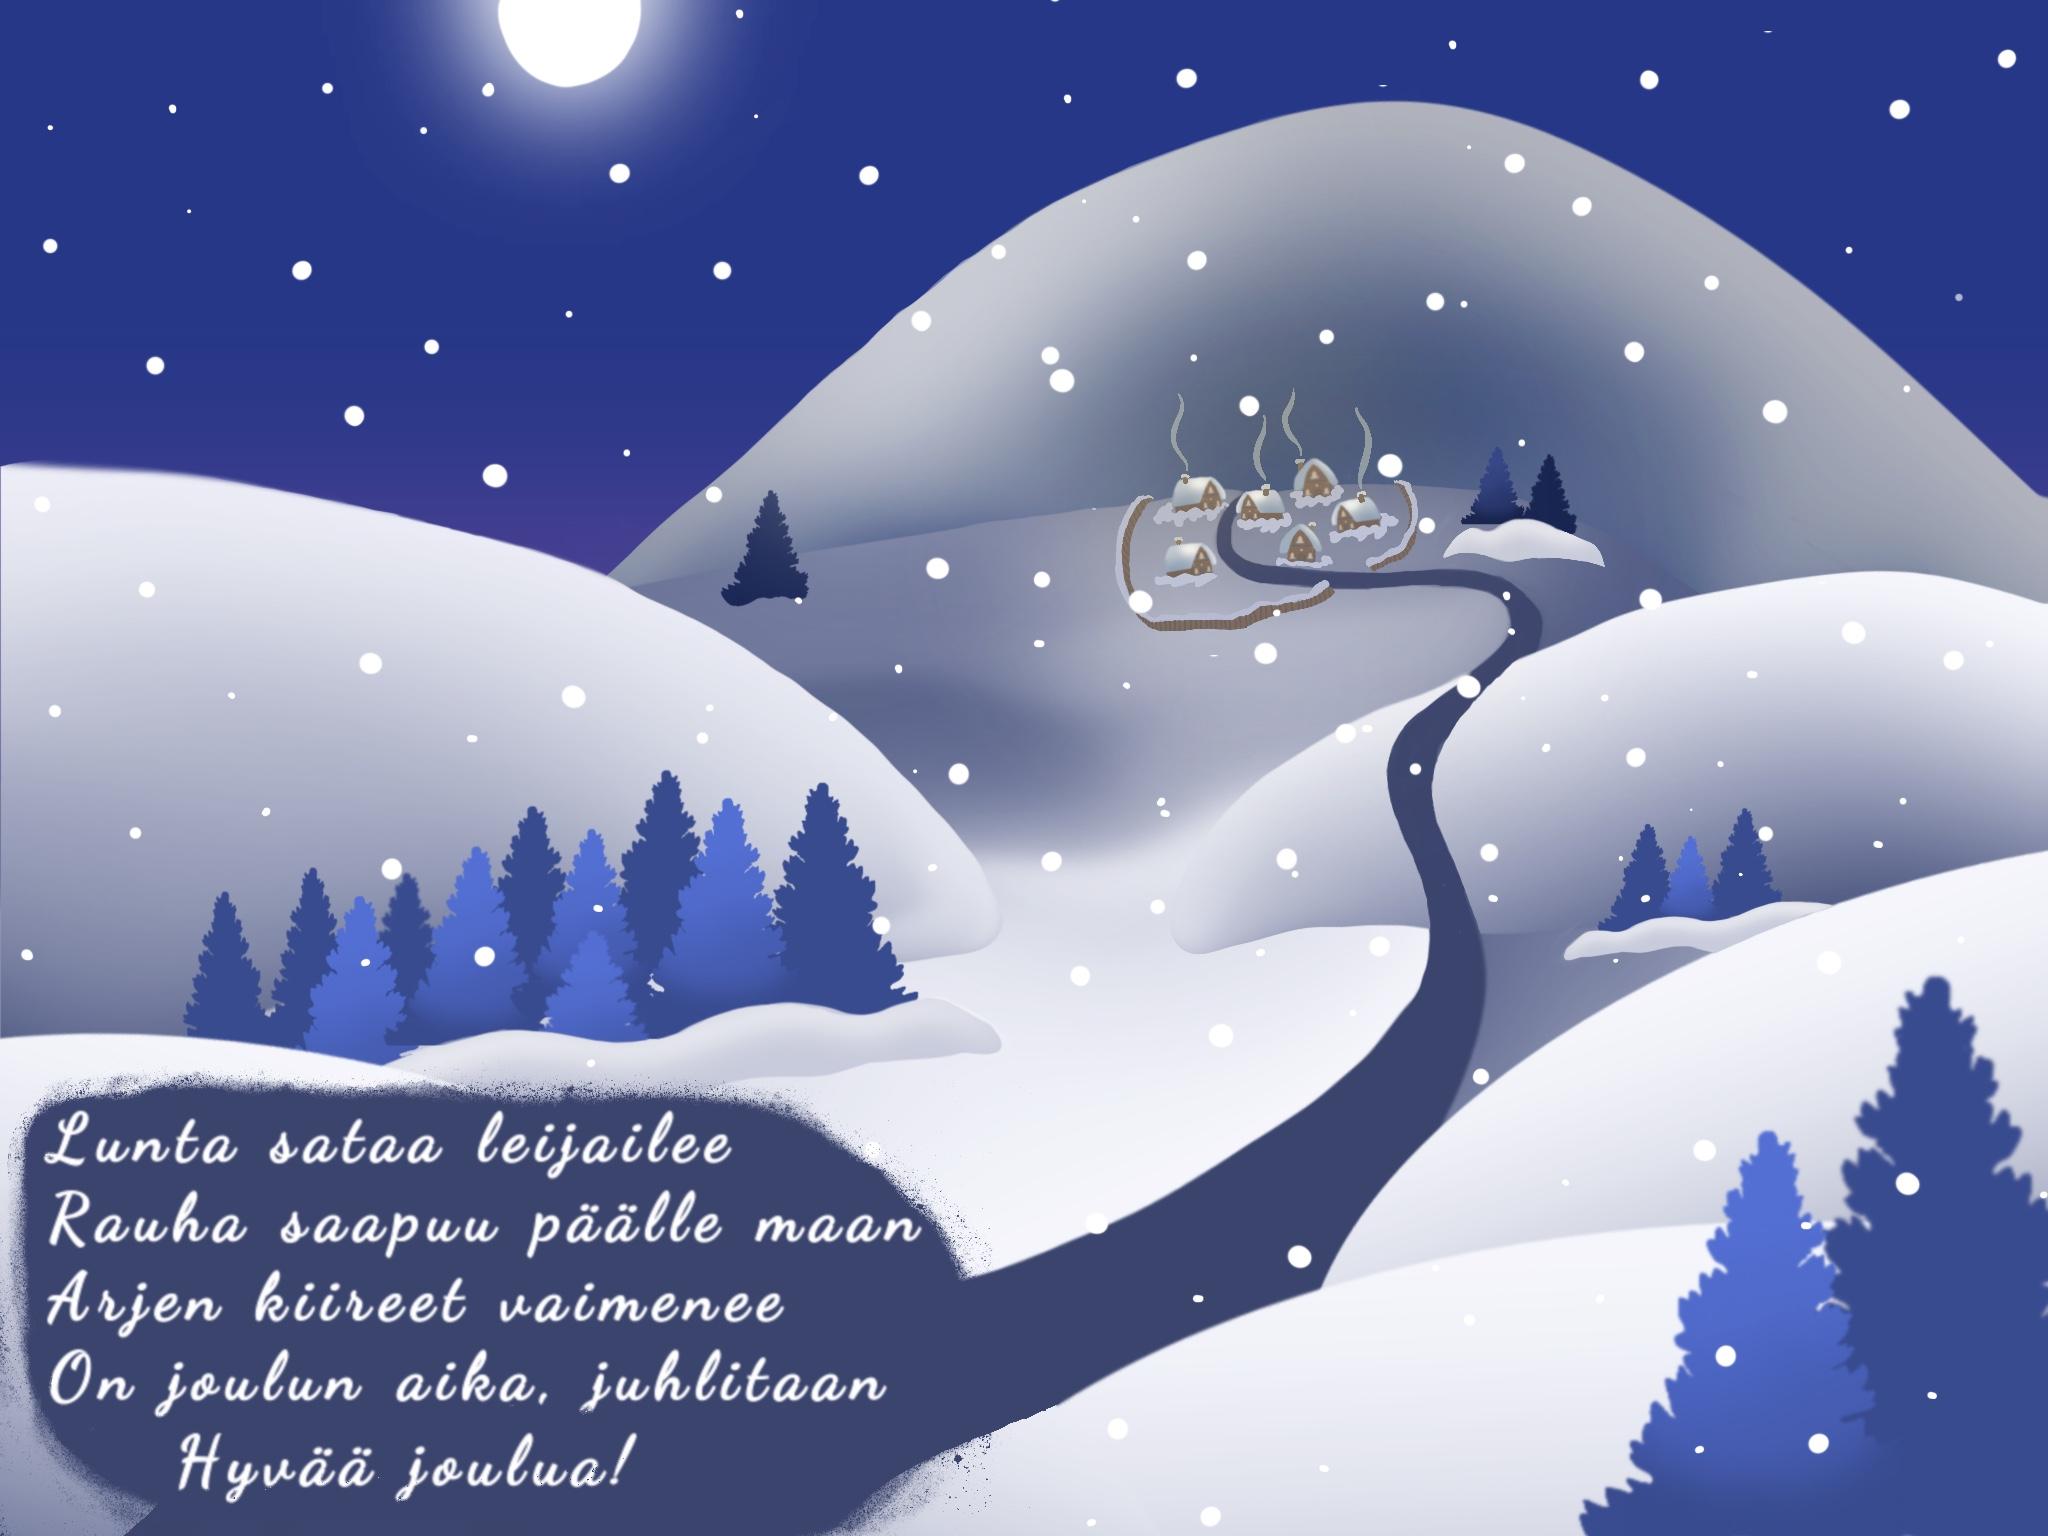 Jouluruno, hyvän joulun toivotus.